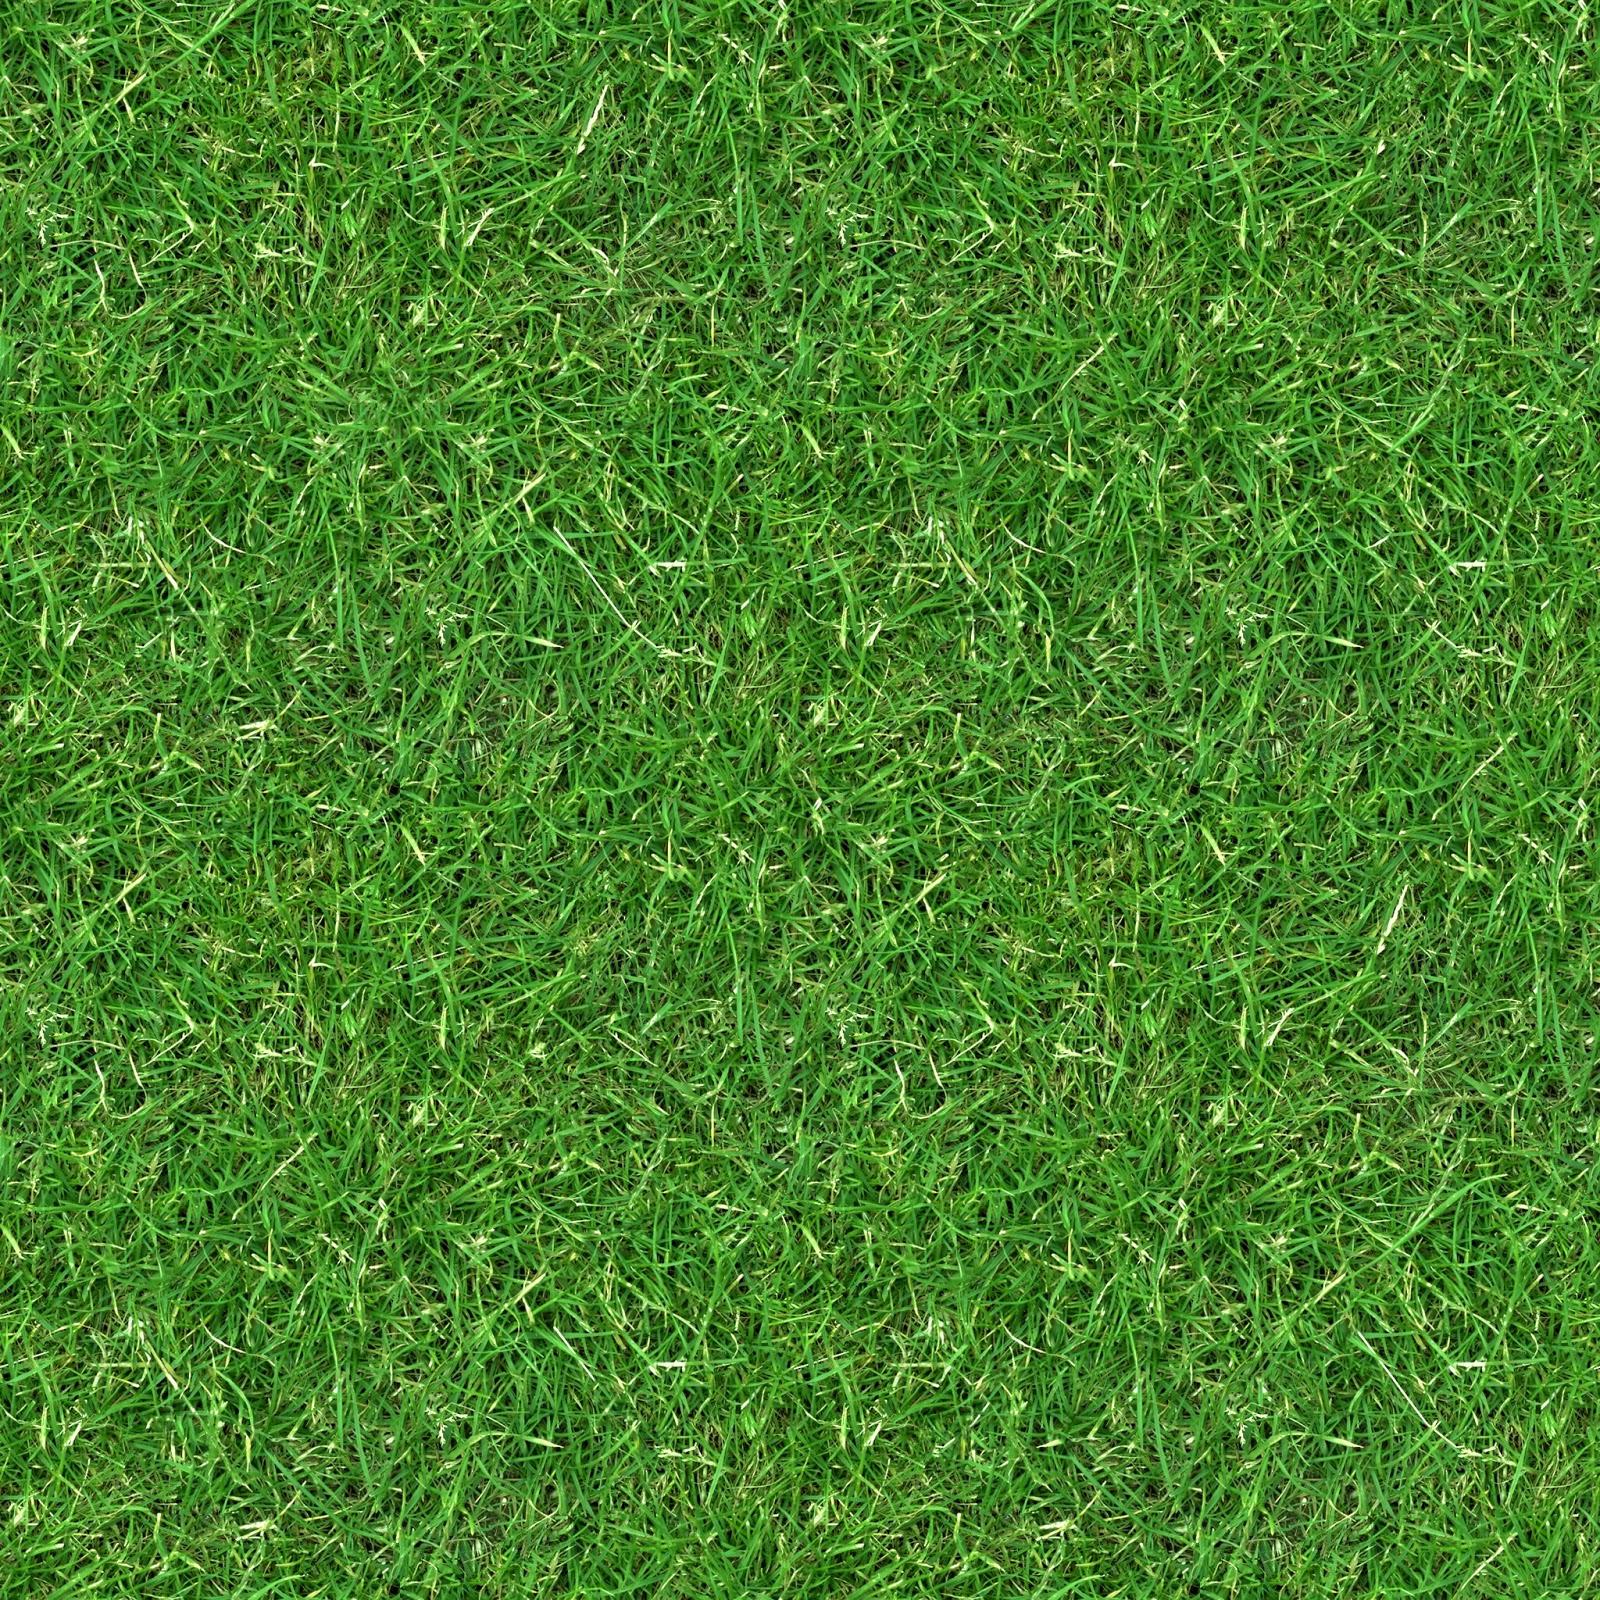 High Resolution Seamless Textures Grass 3 Seamless Turf